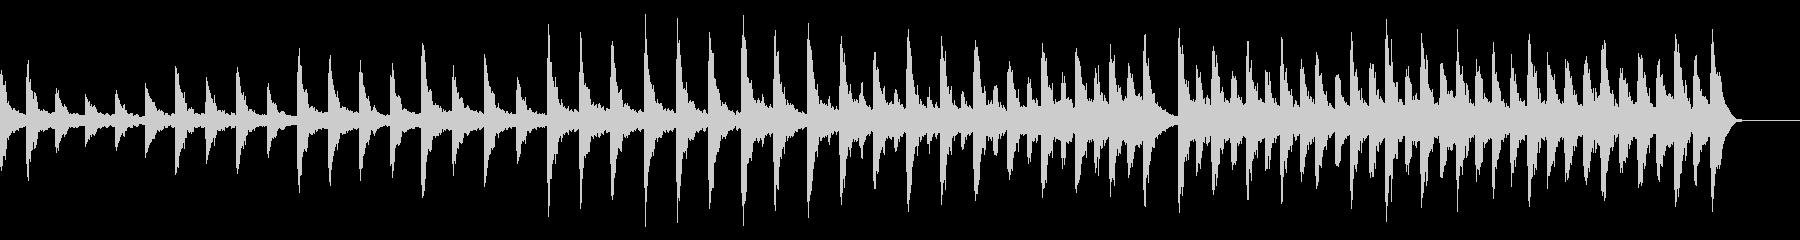 メルトンチャーチベル1:下から鳴るの未再生の波形